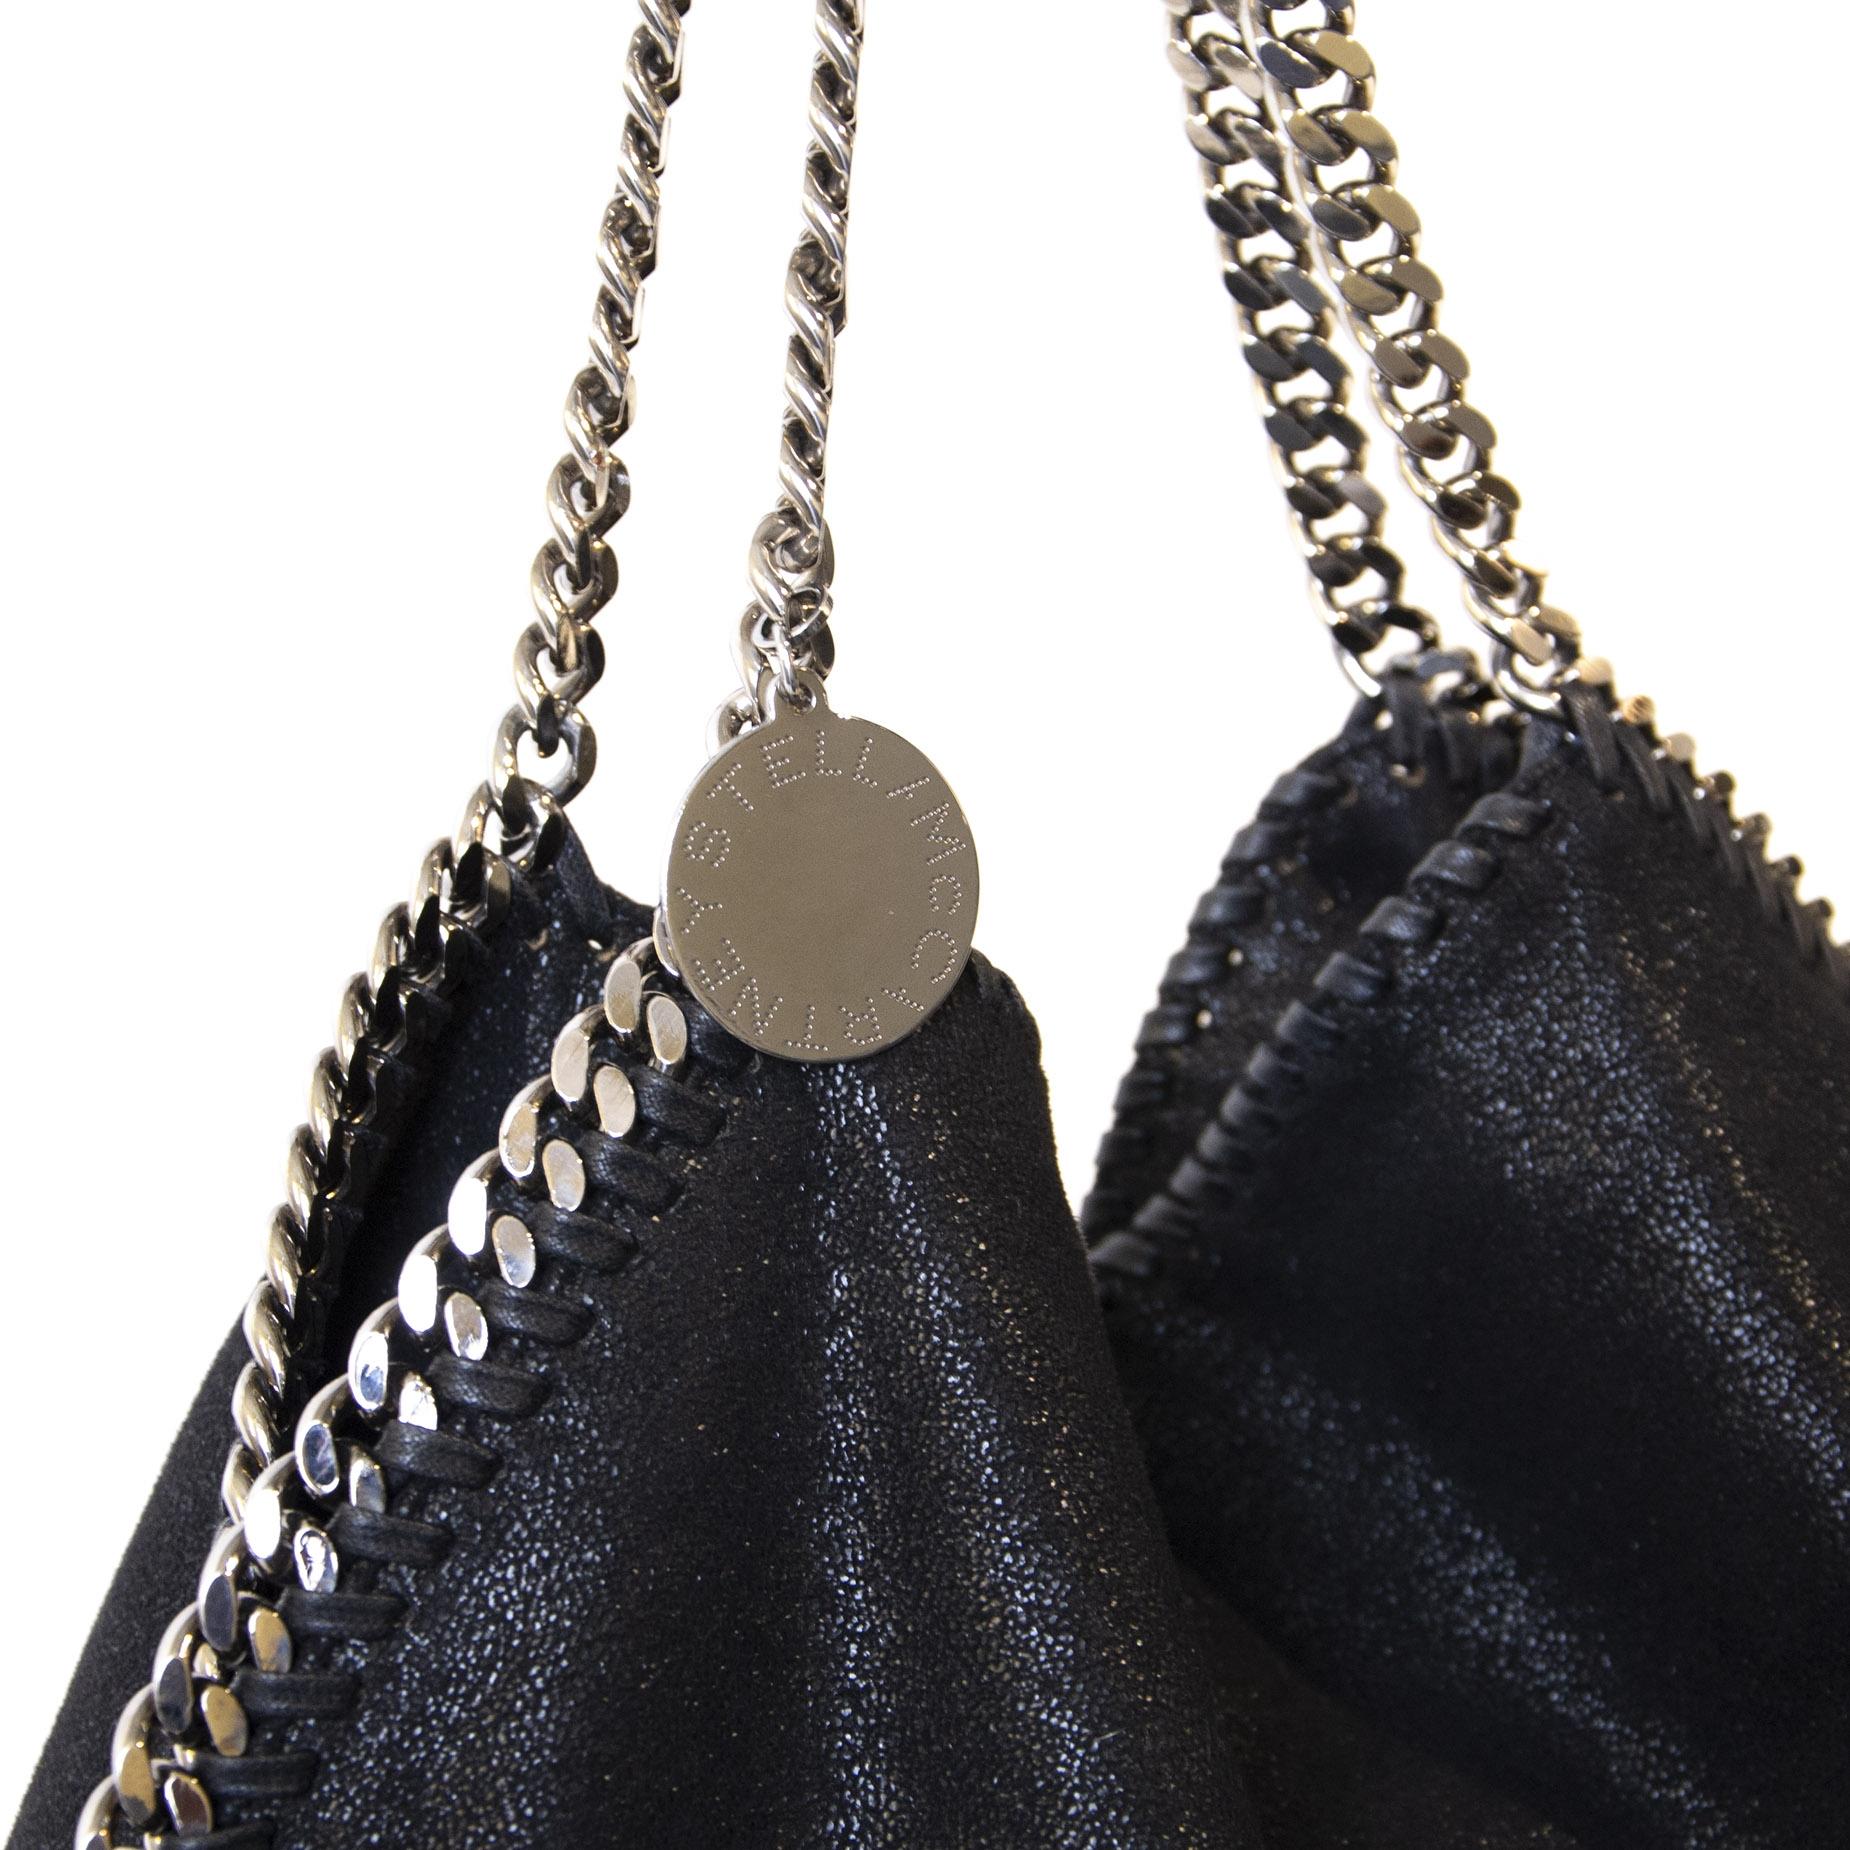 Authentieke Tweedehands Stella McCartney Falabella Large Tote Bag juiste prijs veilig online shoppen luxe merken webshop winkelen Antwerpen België mode fashion